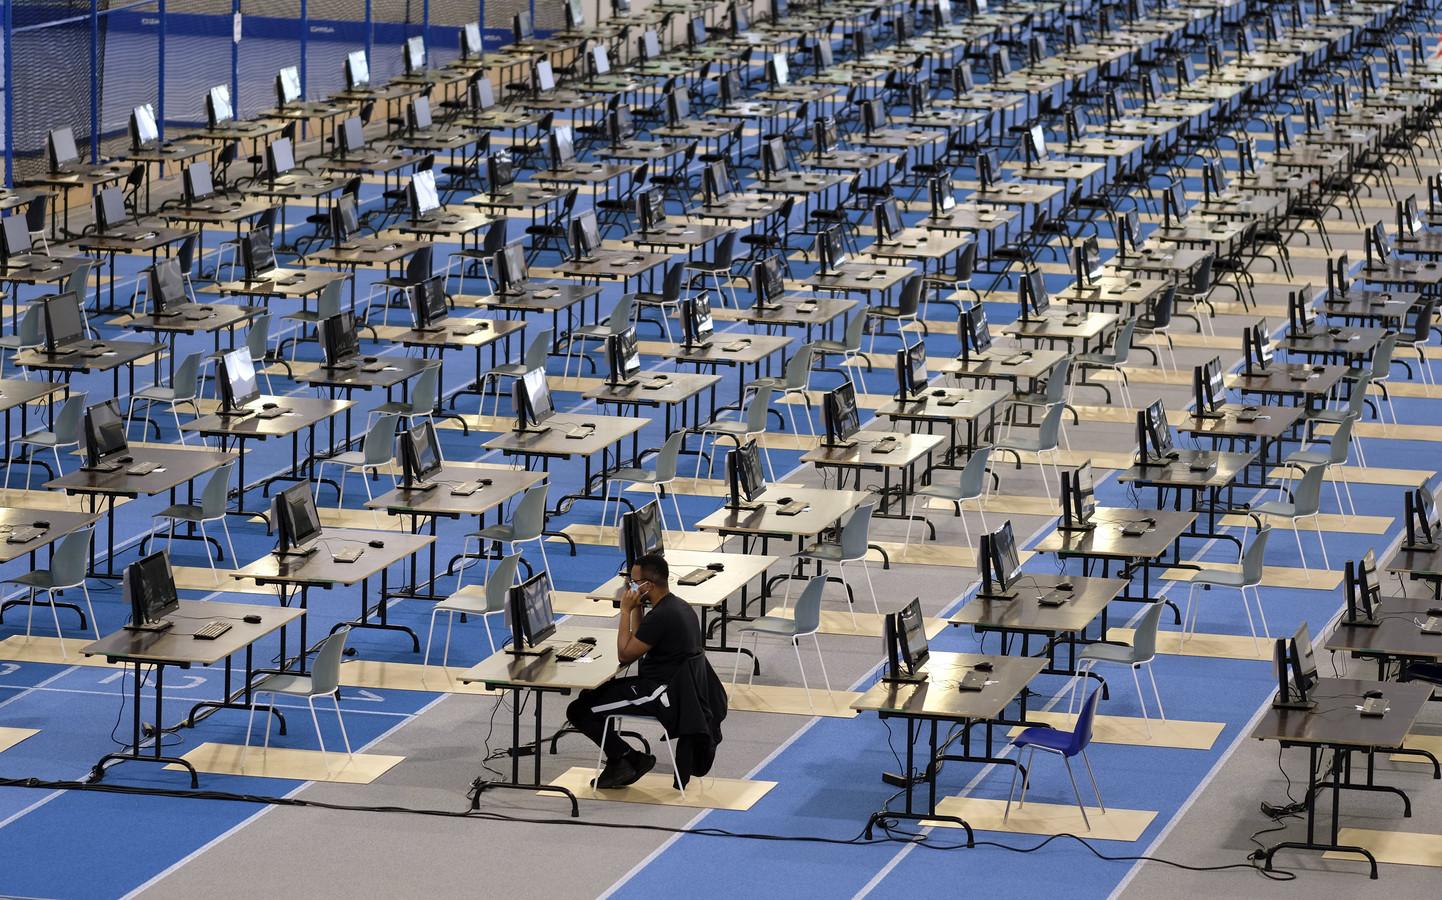 Un étudiant passe un examen seul dans l'immense hall d'athlétisme de Louvain-la-Neuve, juin 2020.